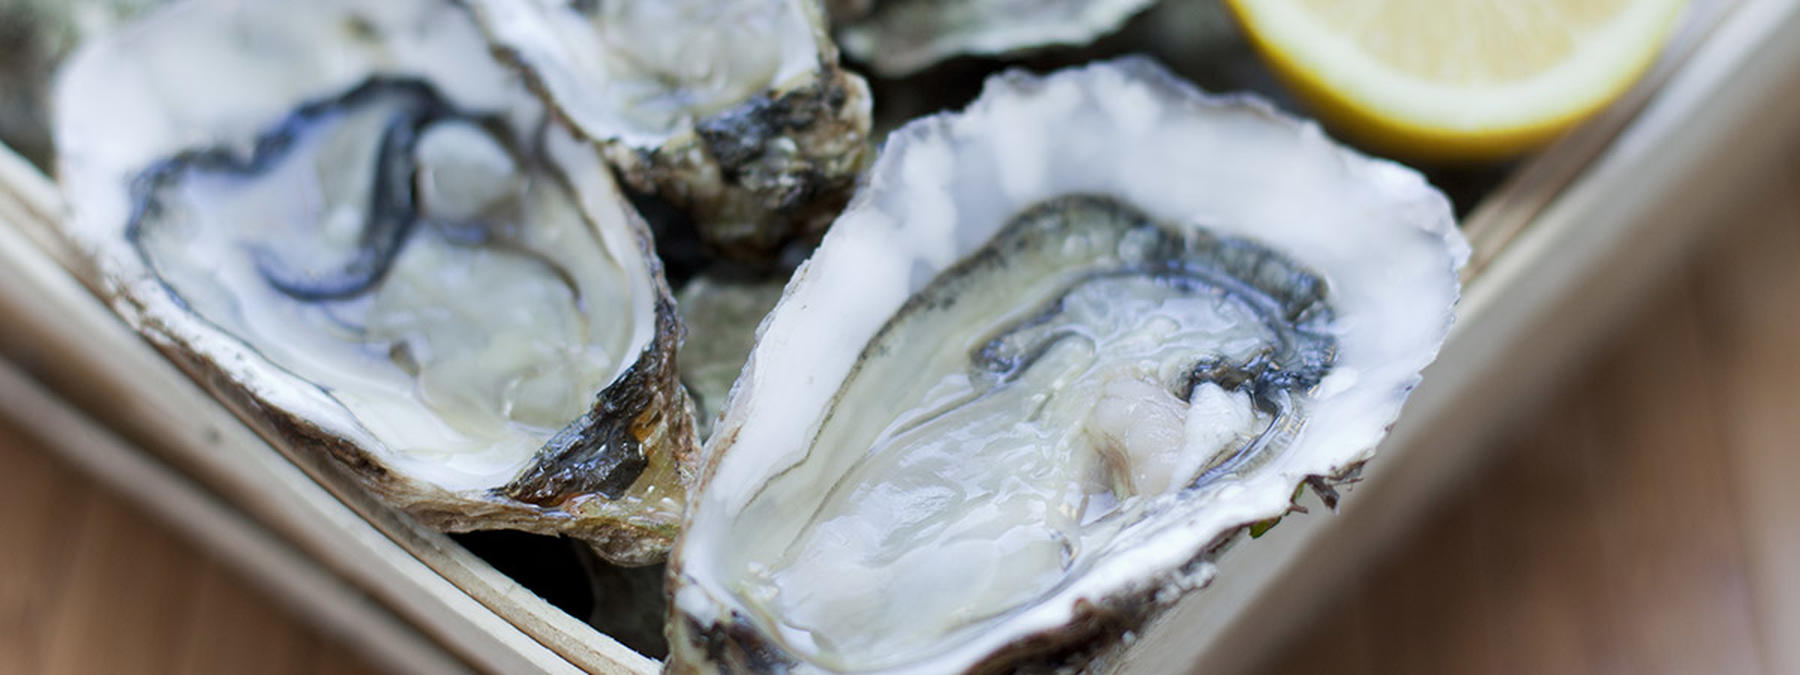 L'huître Lagarre servie par MyTraiteur